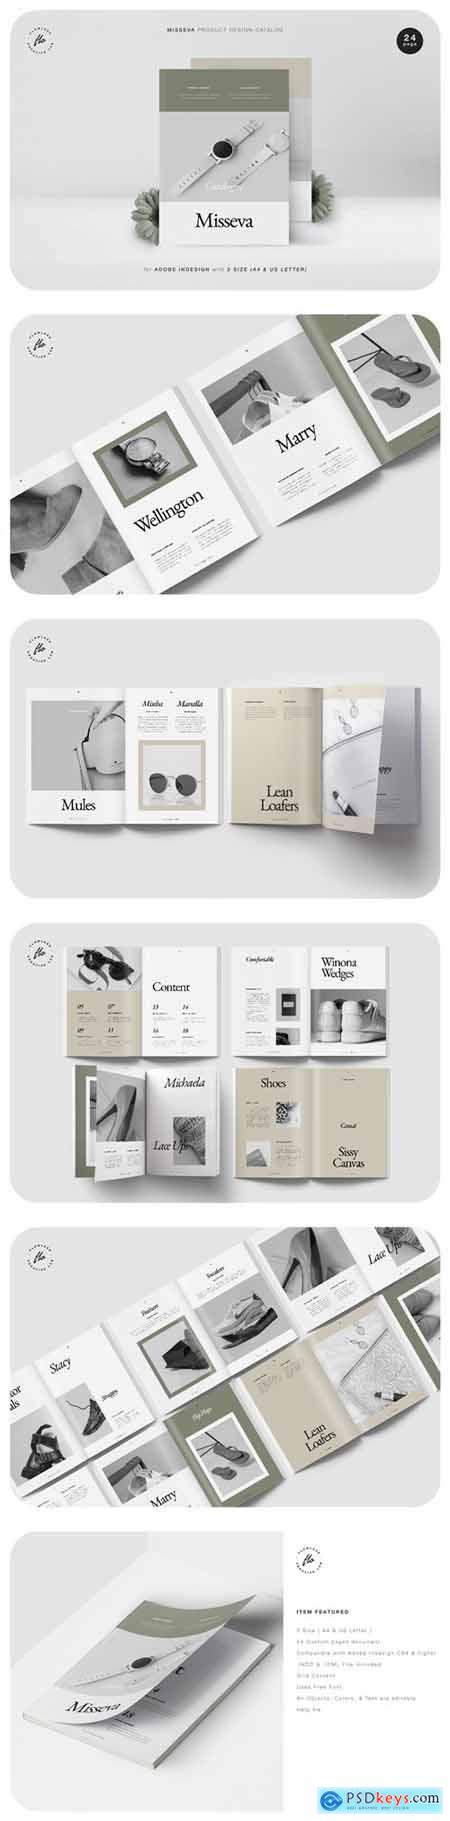 Misseva Product Design Catalog